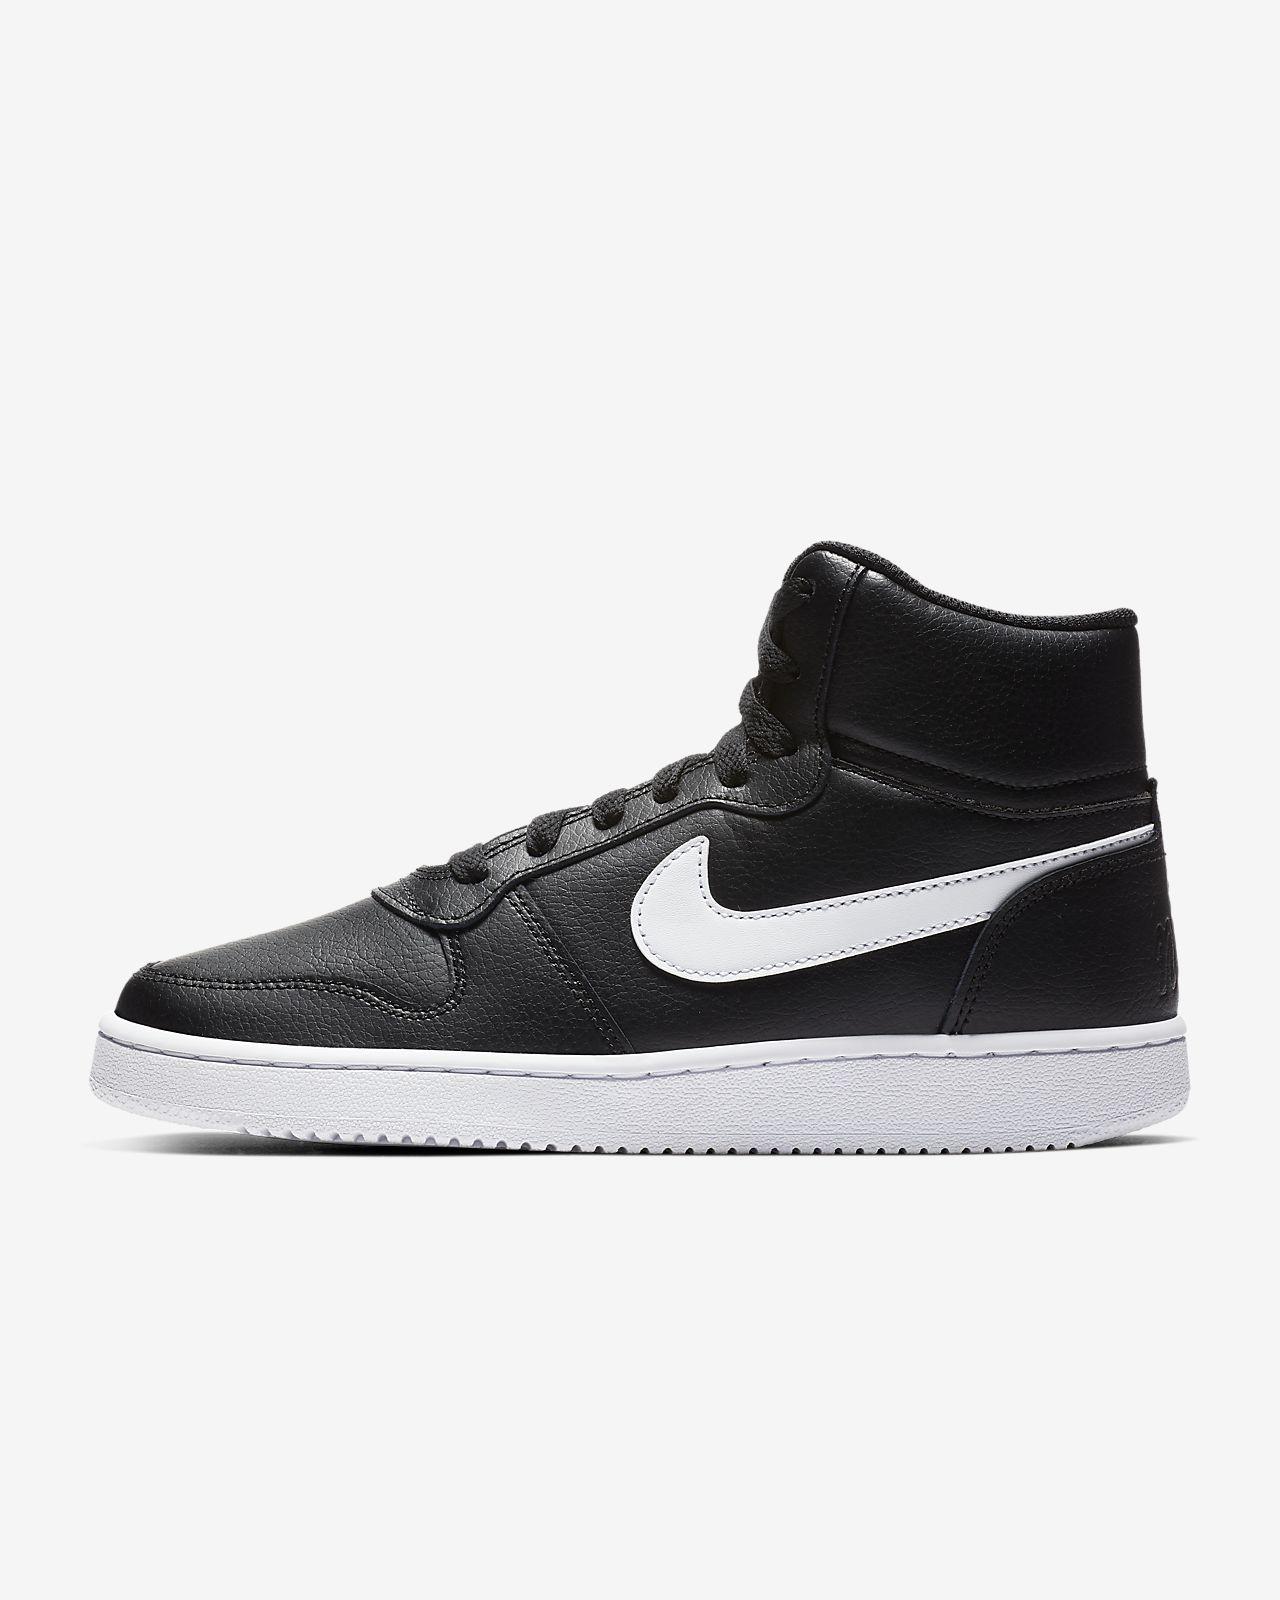 Sko Nike Ebernon Mid för kvinnor